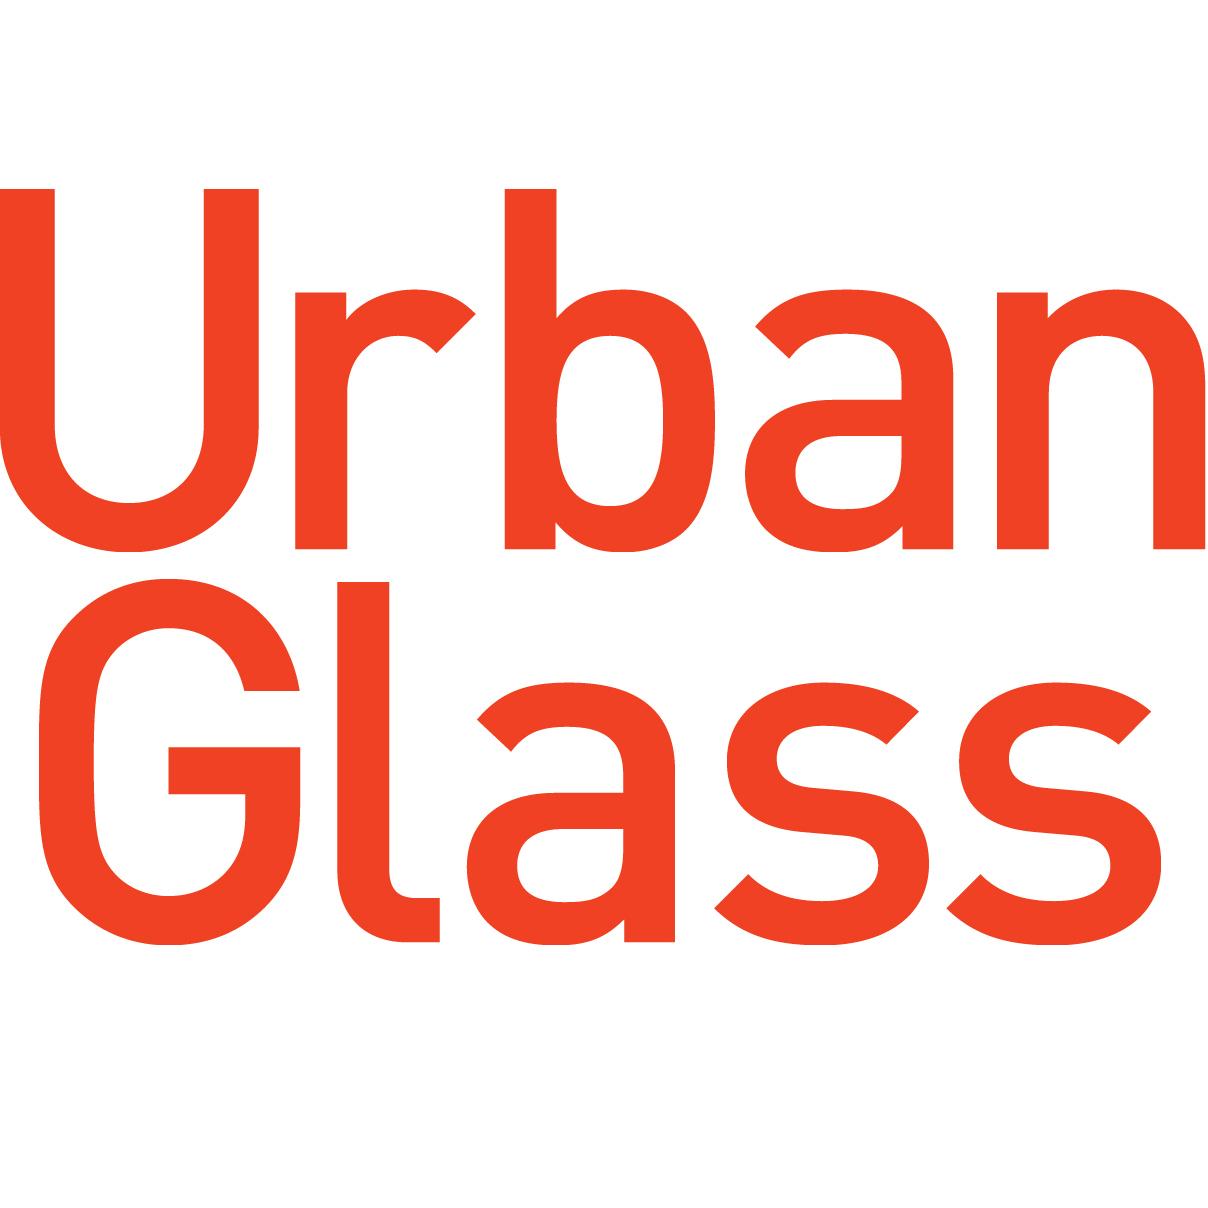 Urbanglass Square 300Px X300Px